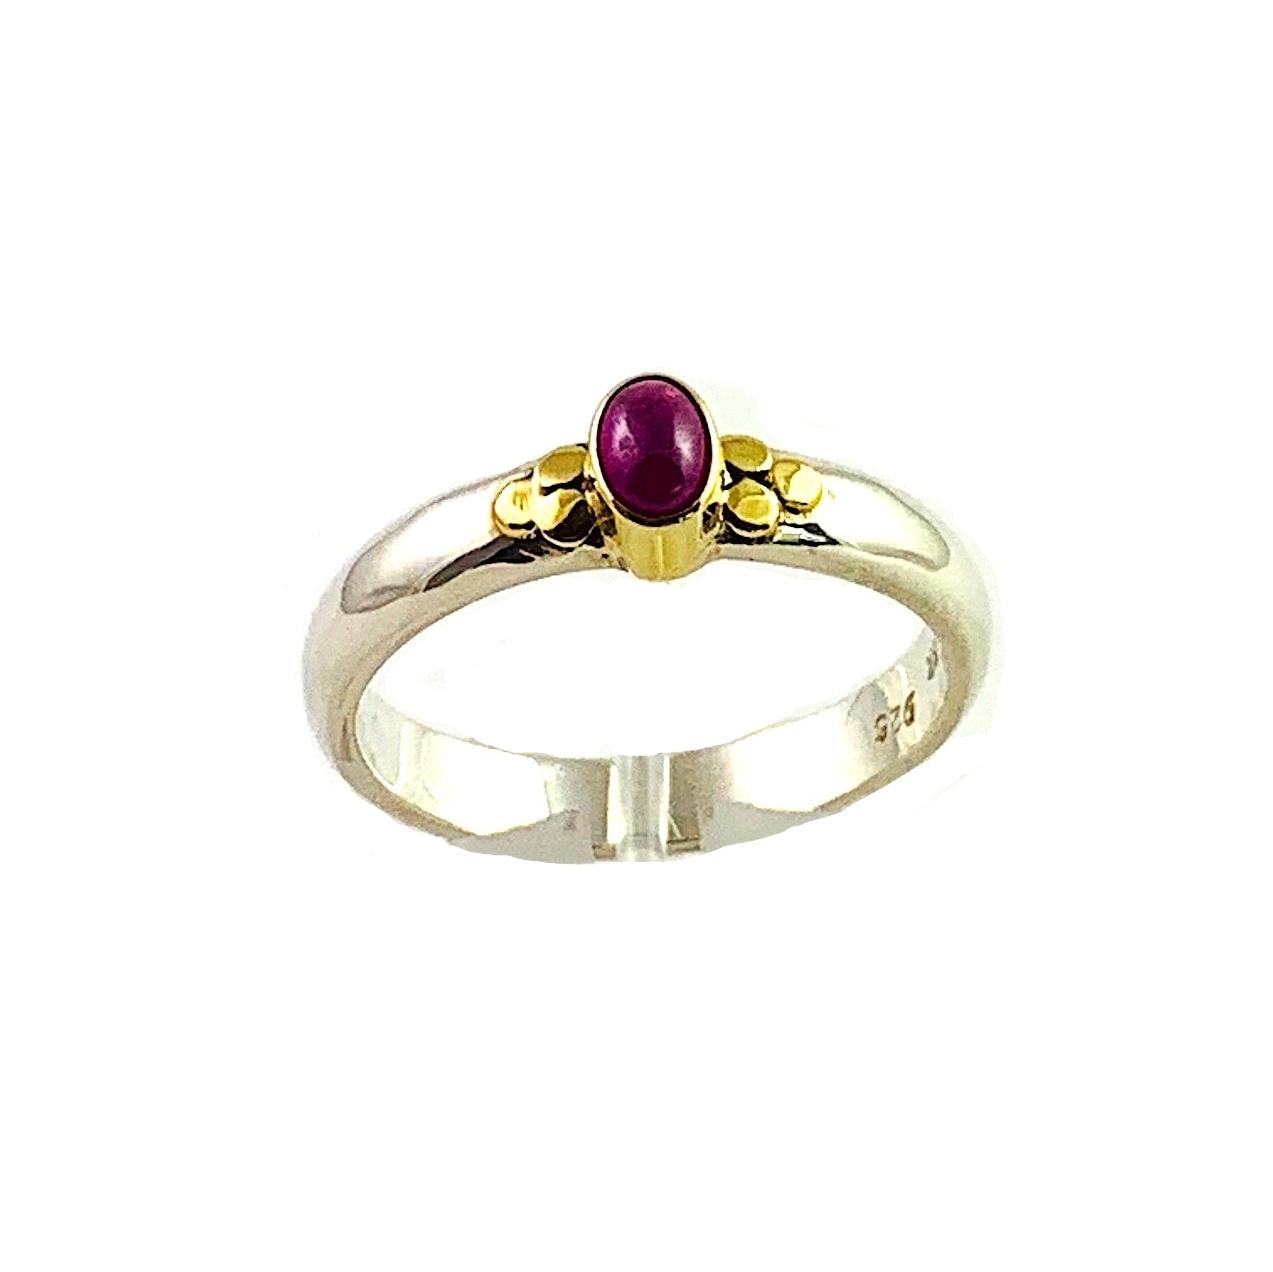 Kiliaan collectie Ring robijn